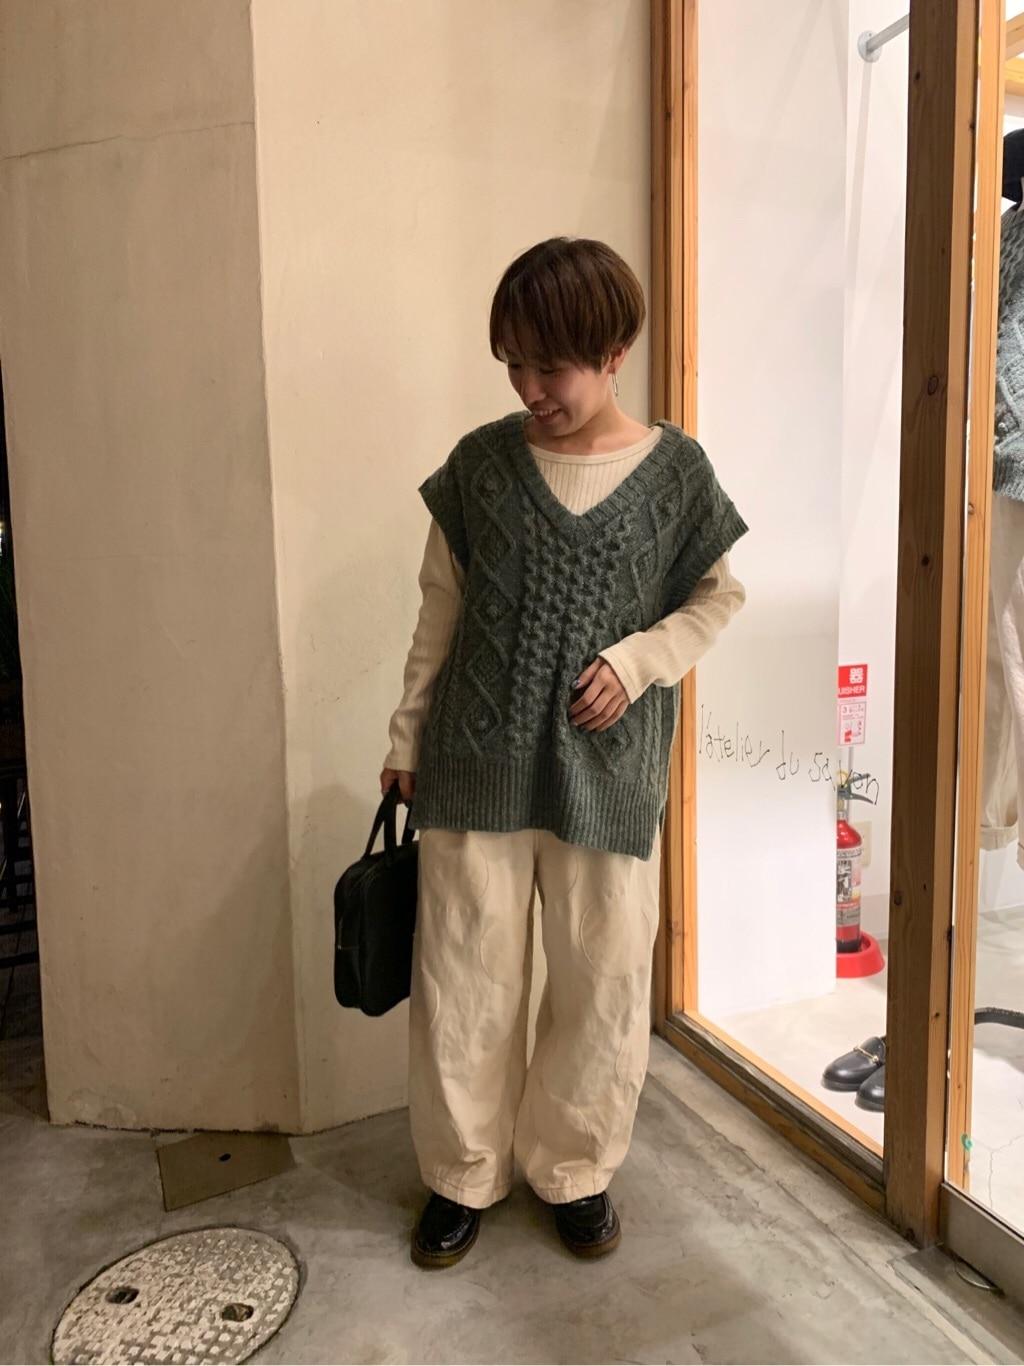 l'atelier du savon 京都路面 身長:148cm 2019.11.27